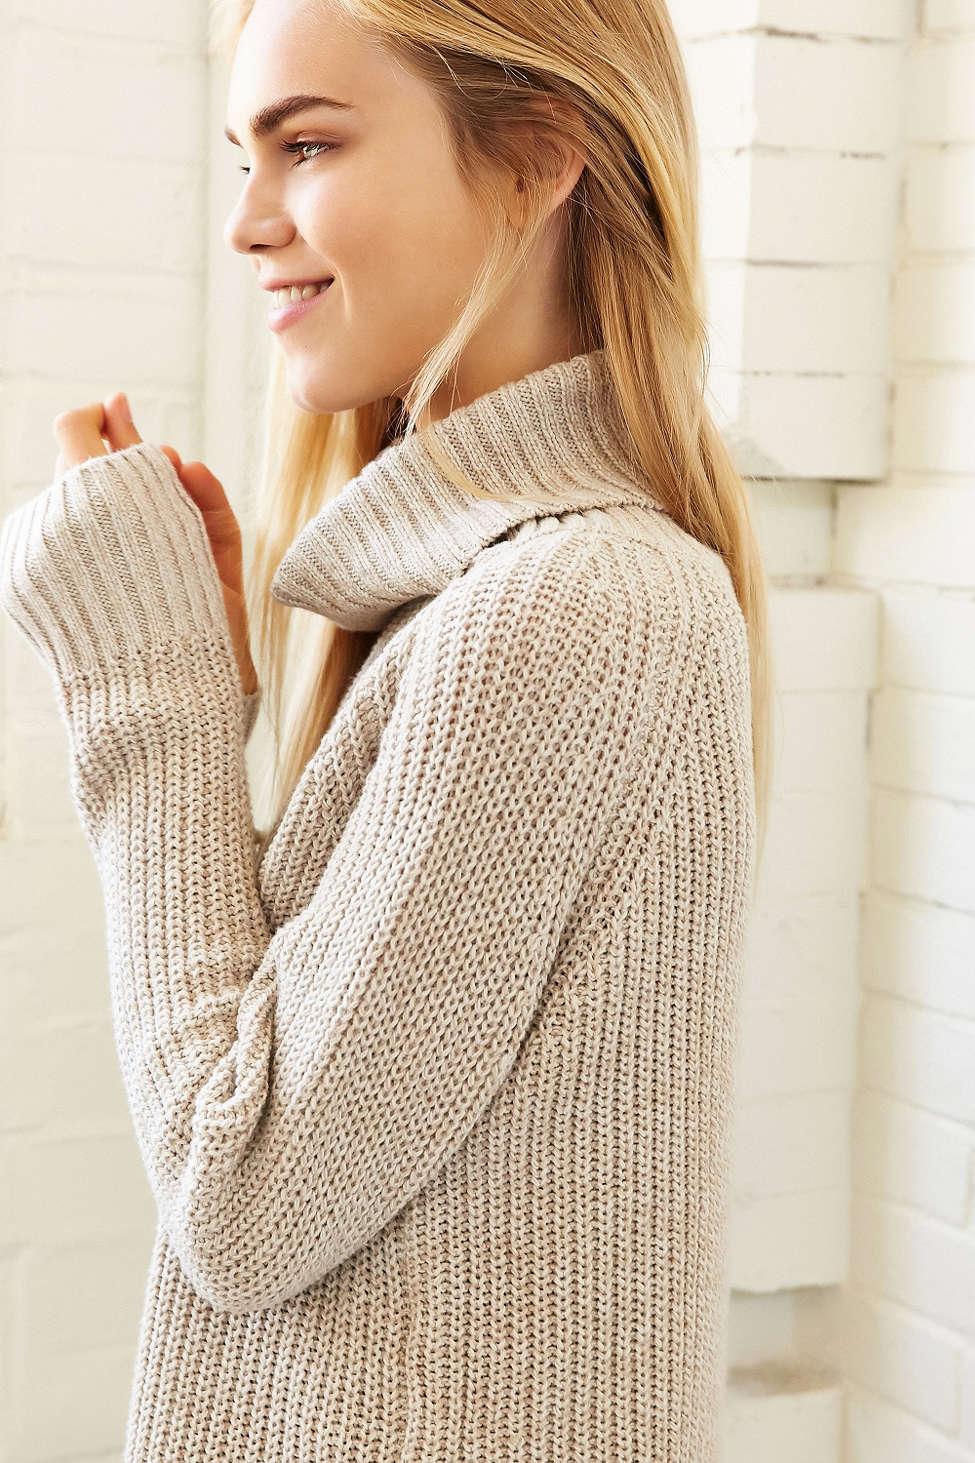 寬版高領毛衣是今年秋冬基本款,比起過往的高領上衣,寬領的設計較舒適,且無論下身搭配寬褲或是窄裙都能呈現出線條感。